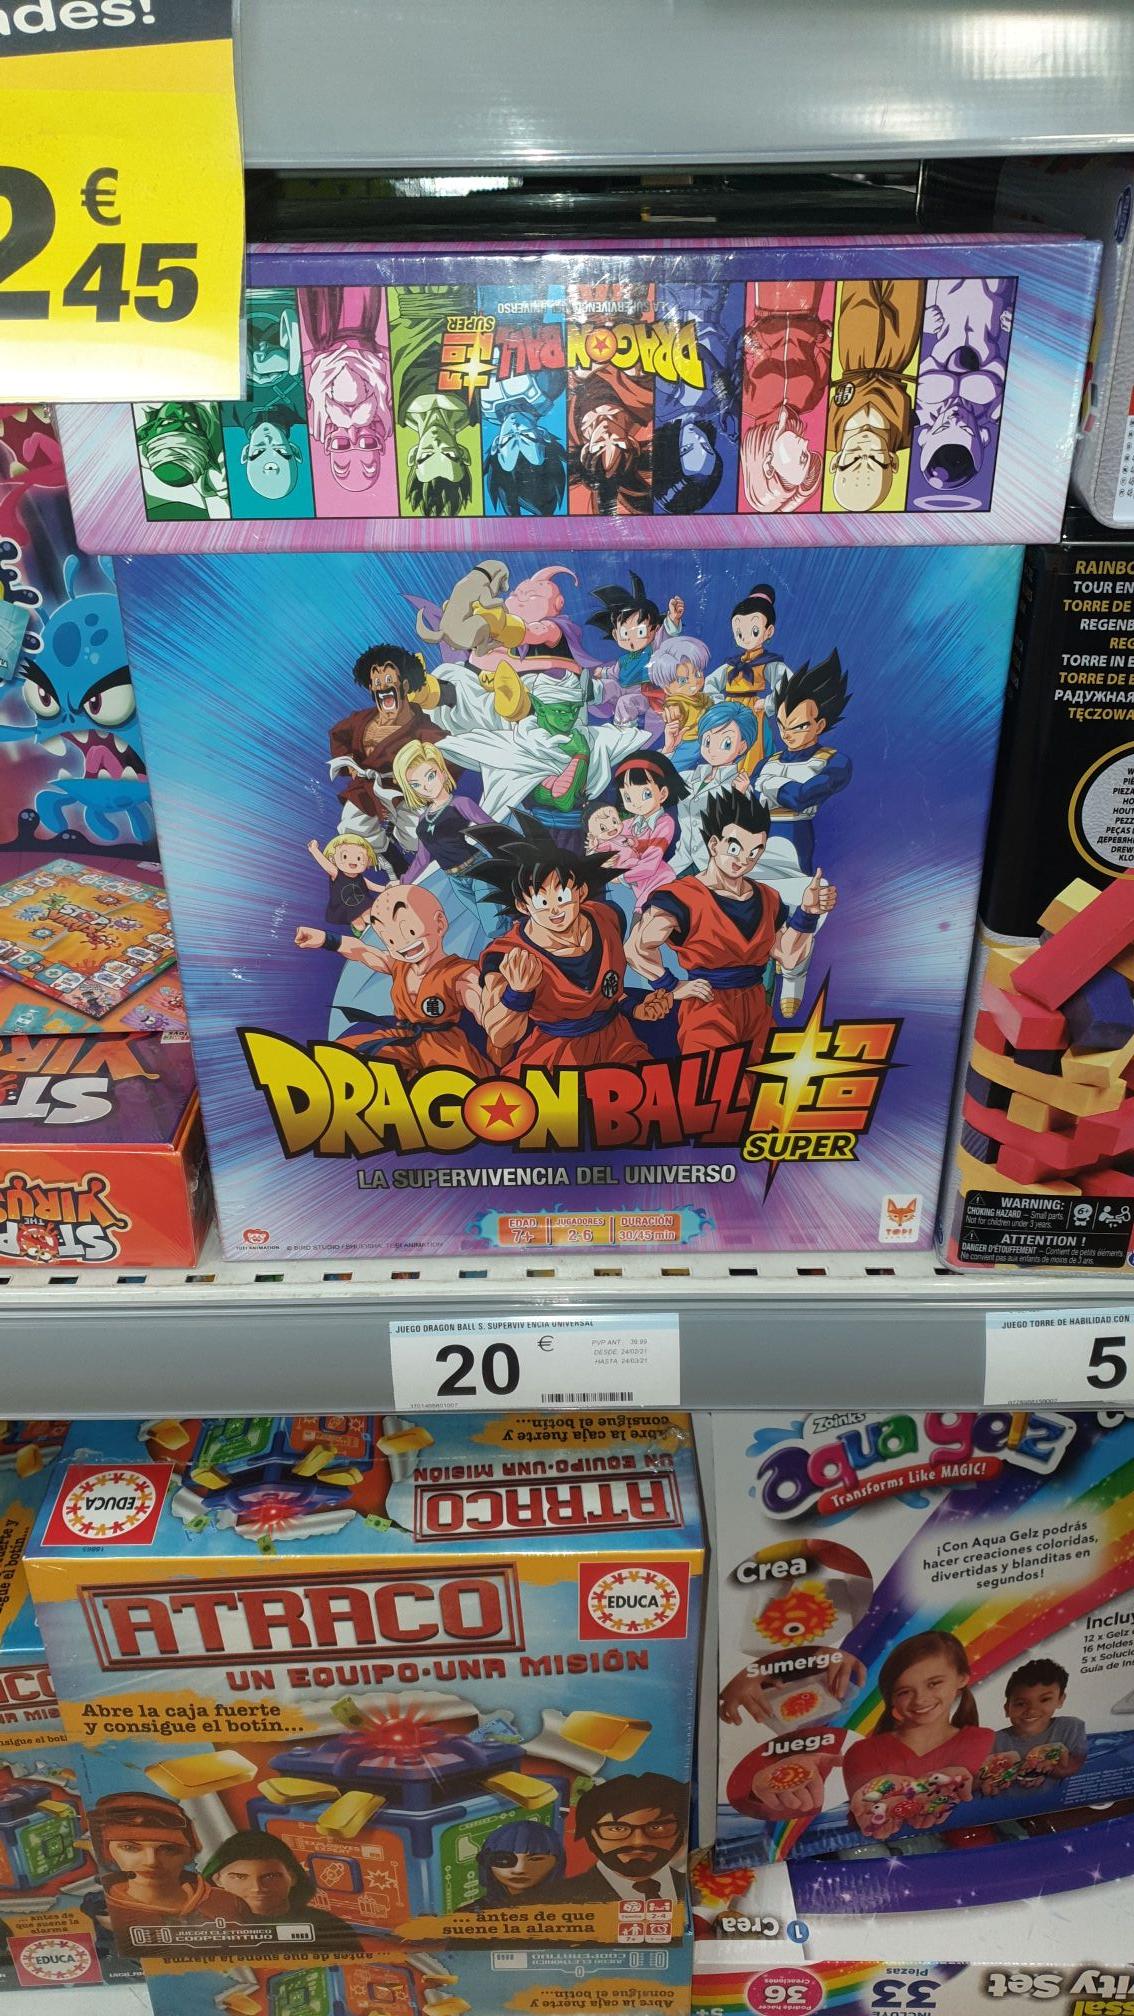 Dragon Ball Super - La Supervivencia del Universo en Carrefour Villarreal